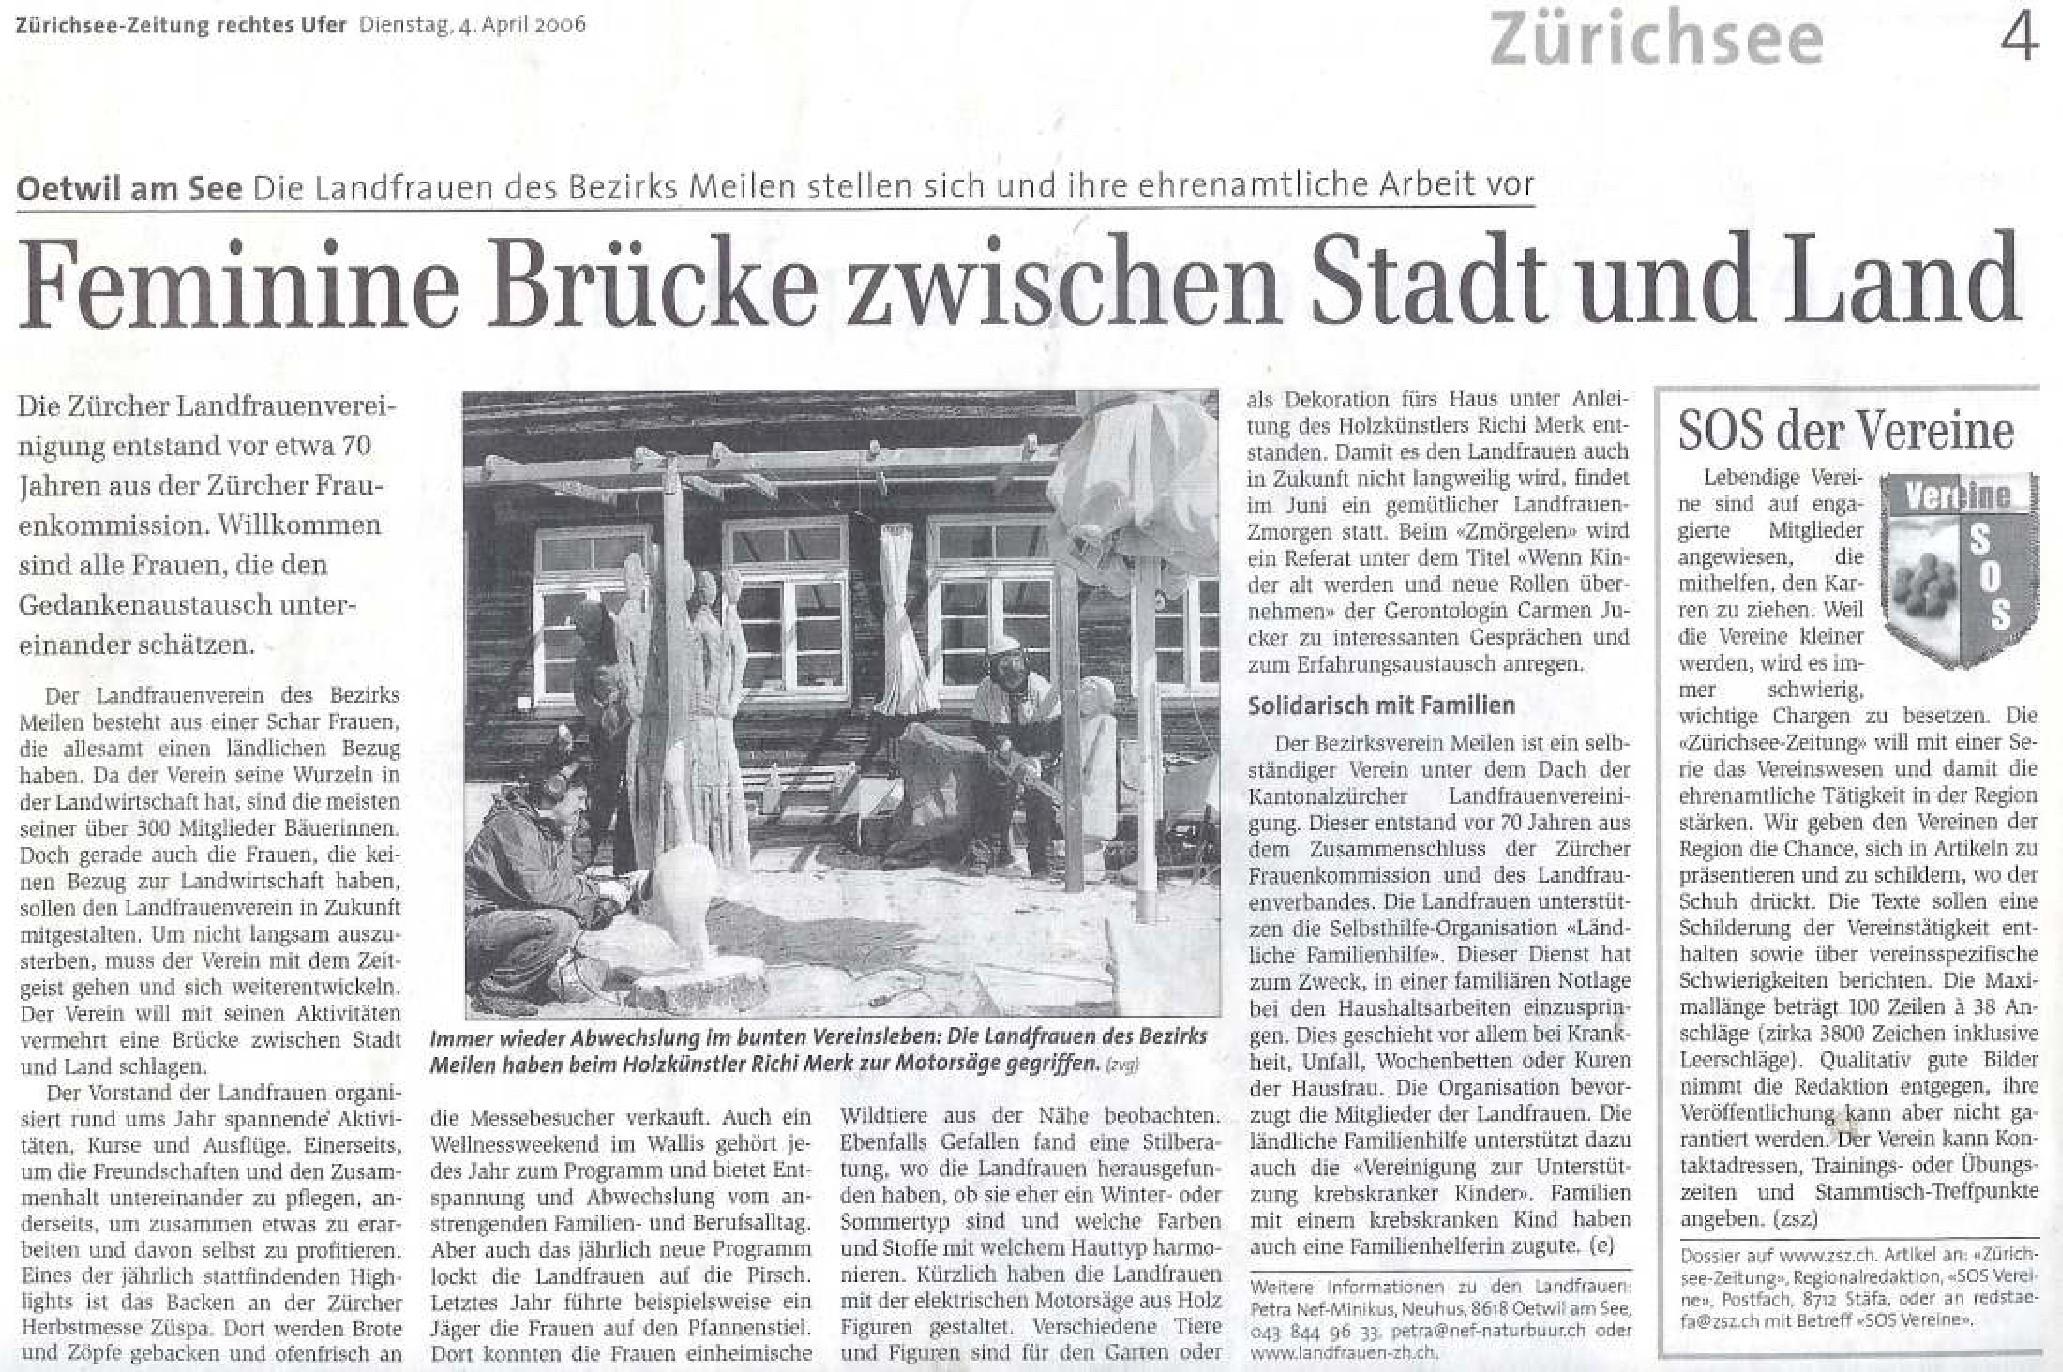 Zürichsee-Zeitung 4. April 2006